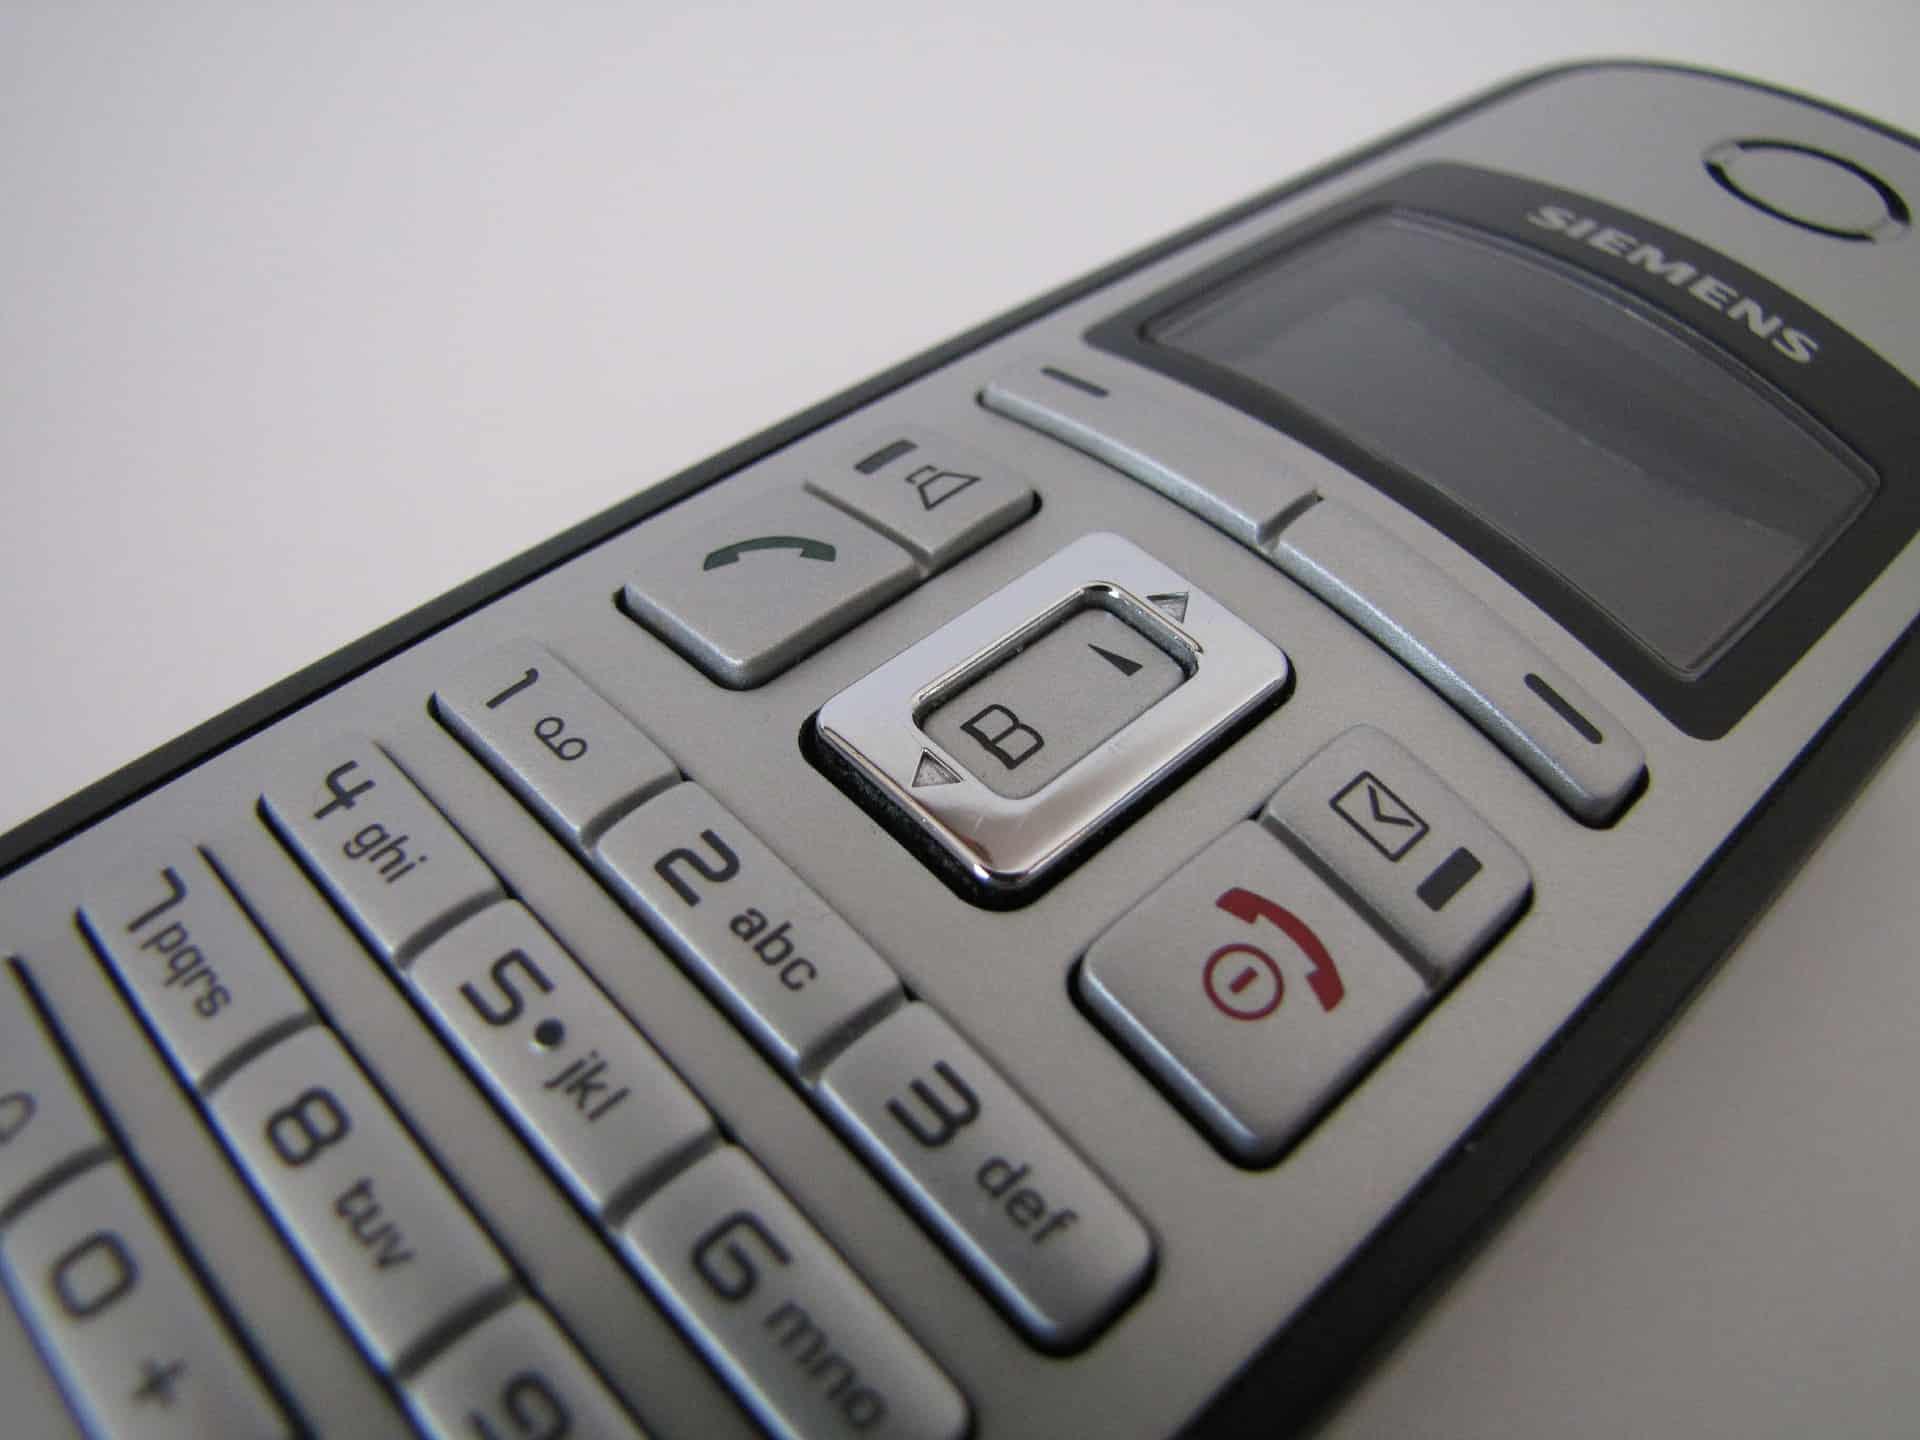 Telefone sem fio: Quais são os melhores de 2020?